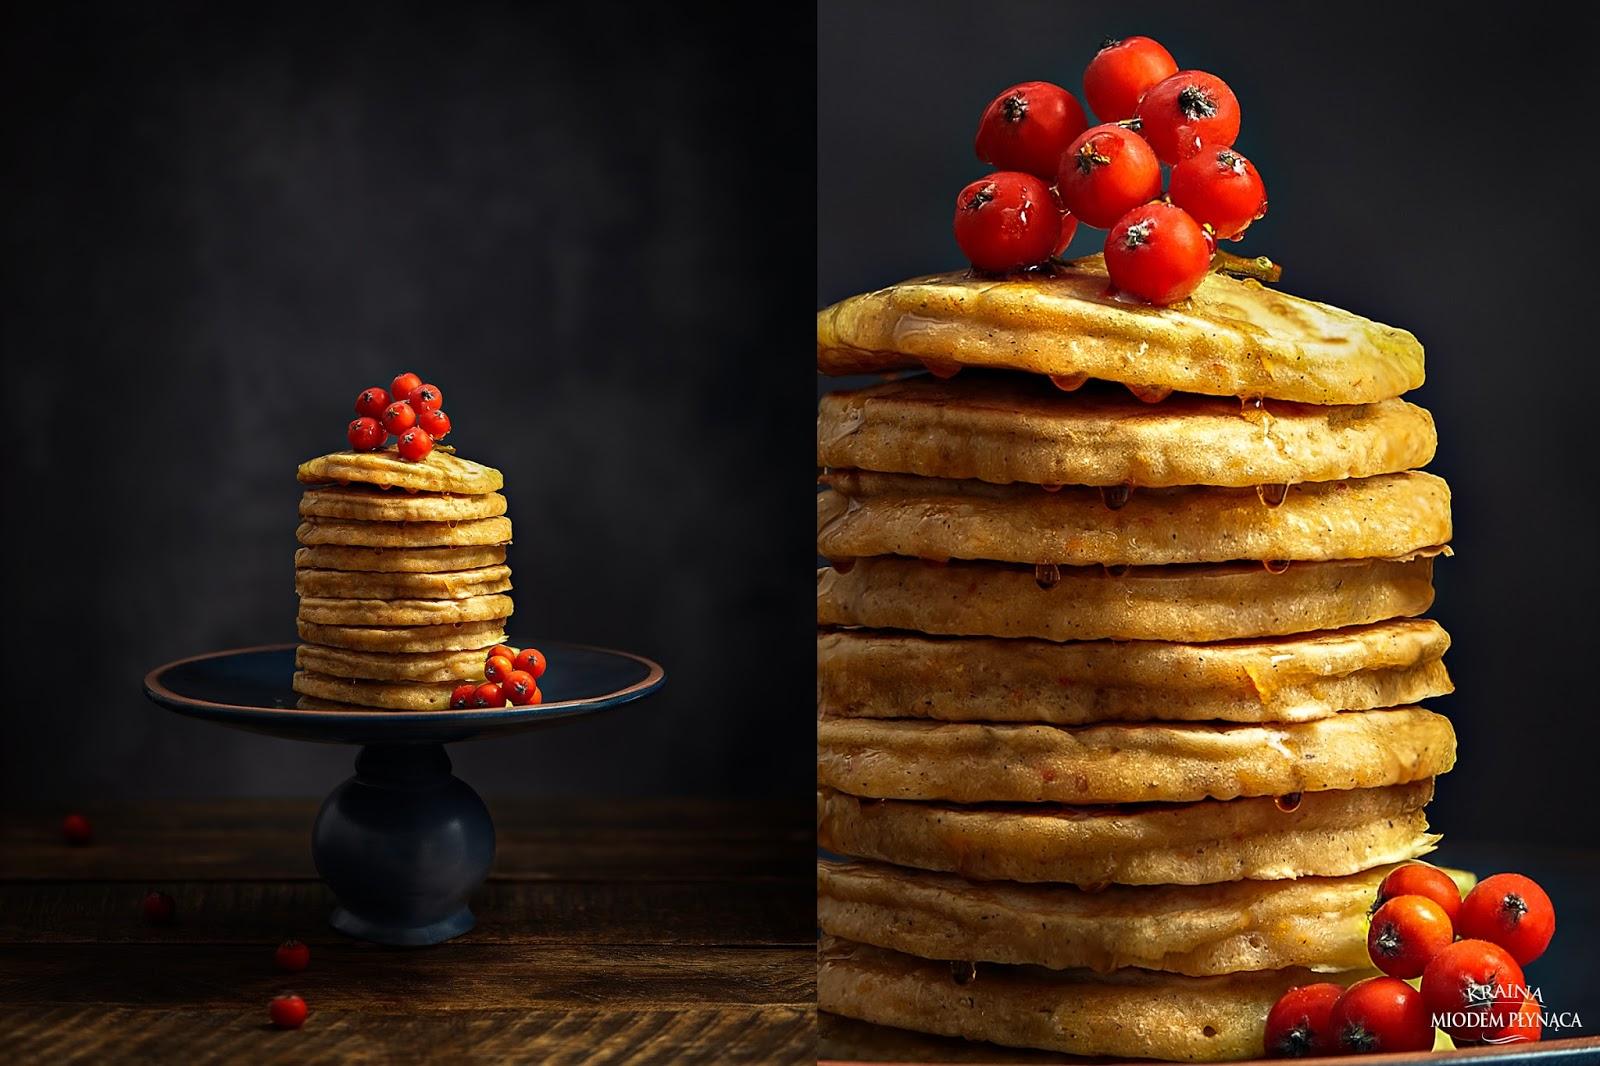 placki z dyni, placki dyniowe, pancakes z dyni, pancakes z dynią, potrawy z dynią, kraina miodem płynąca